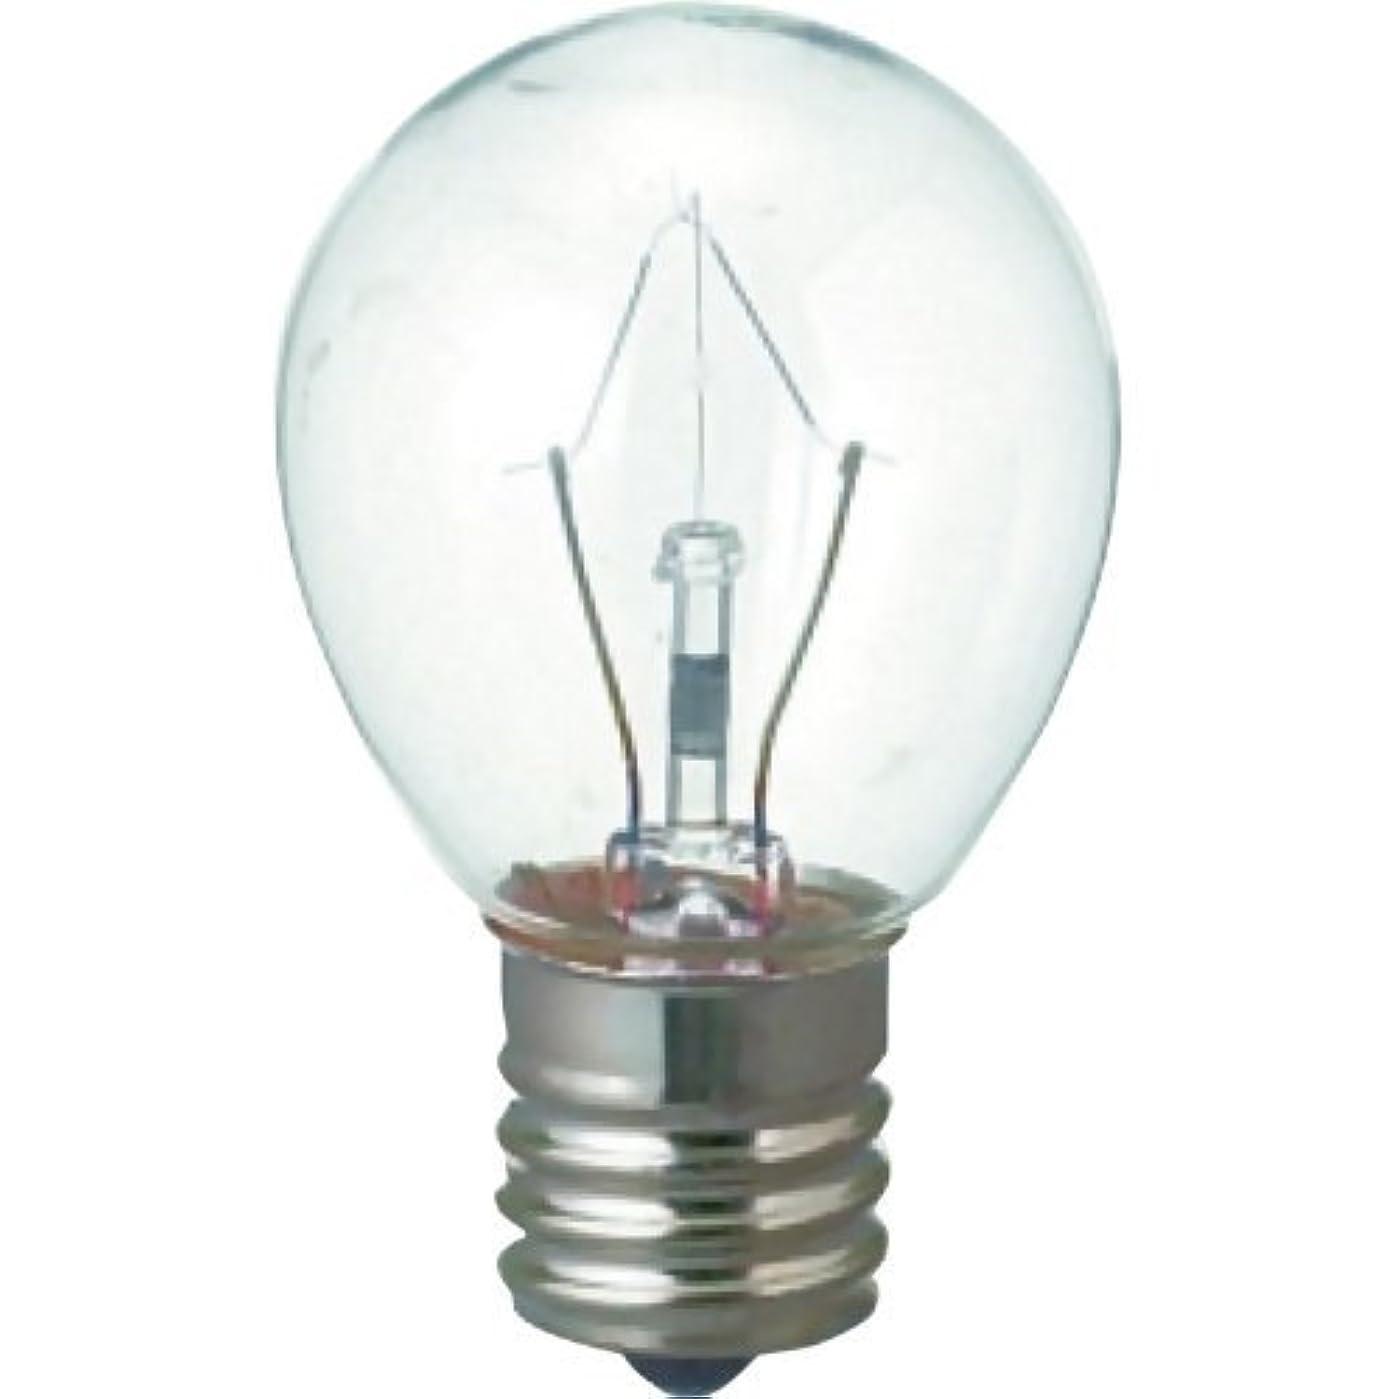 遅い十分な書誌アロマランプ電球 100V25W